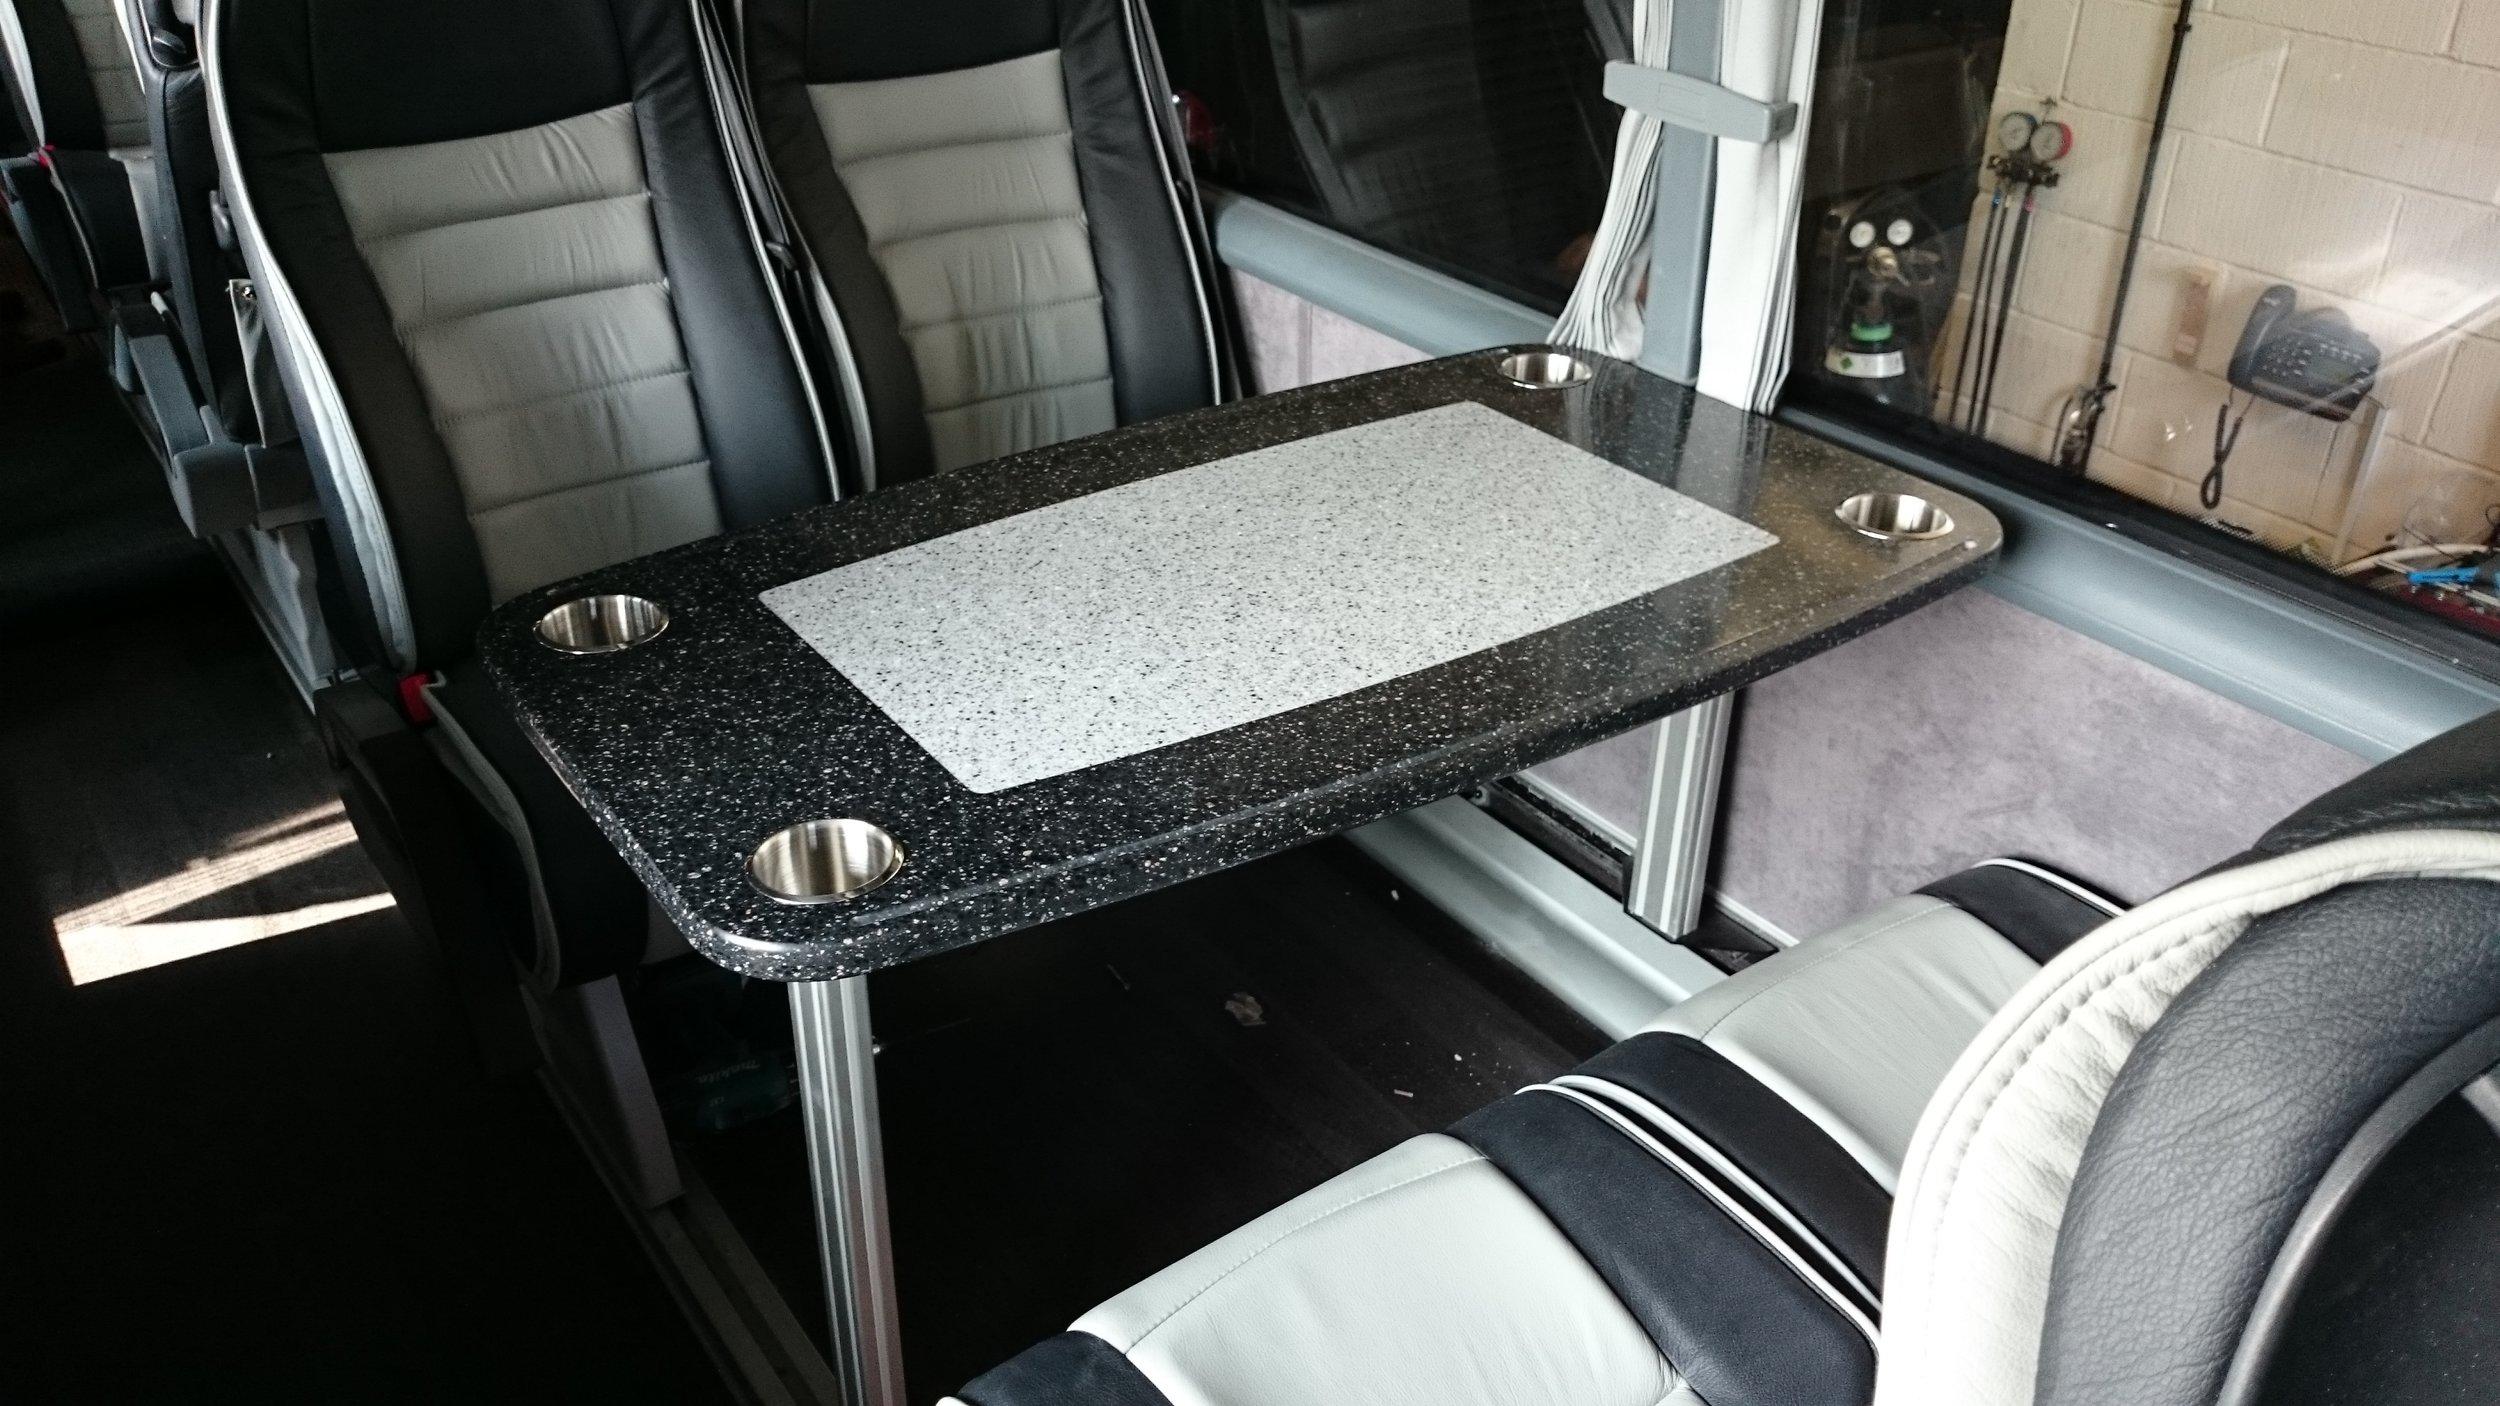 Dual colour corain table